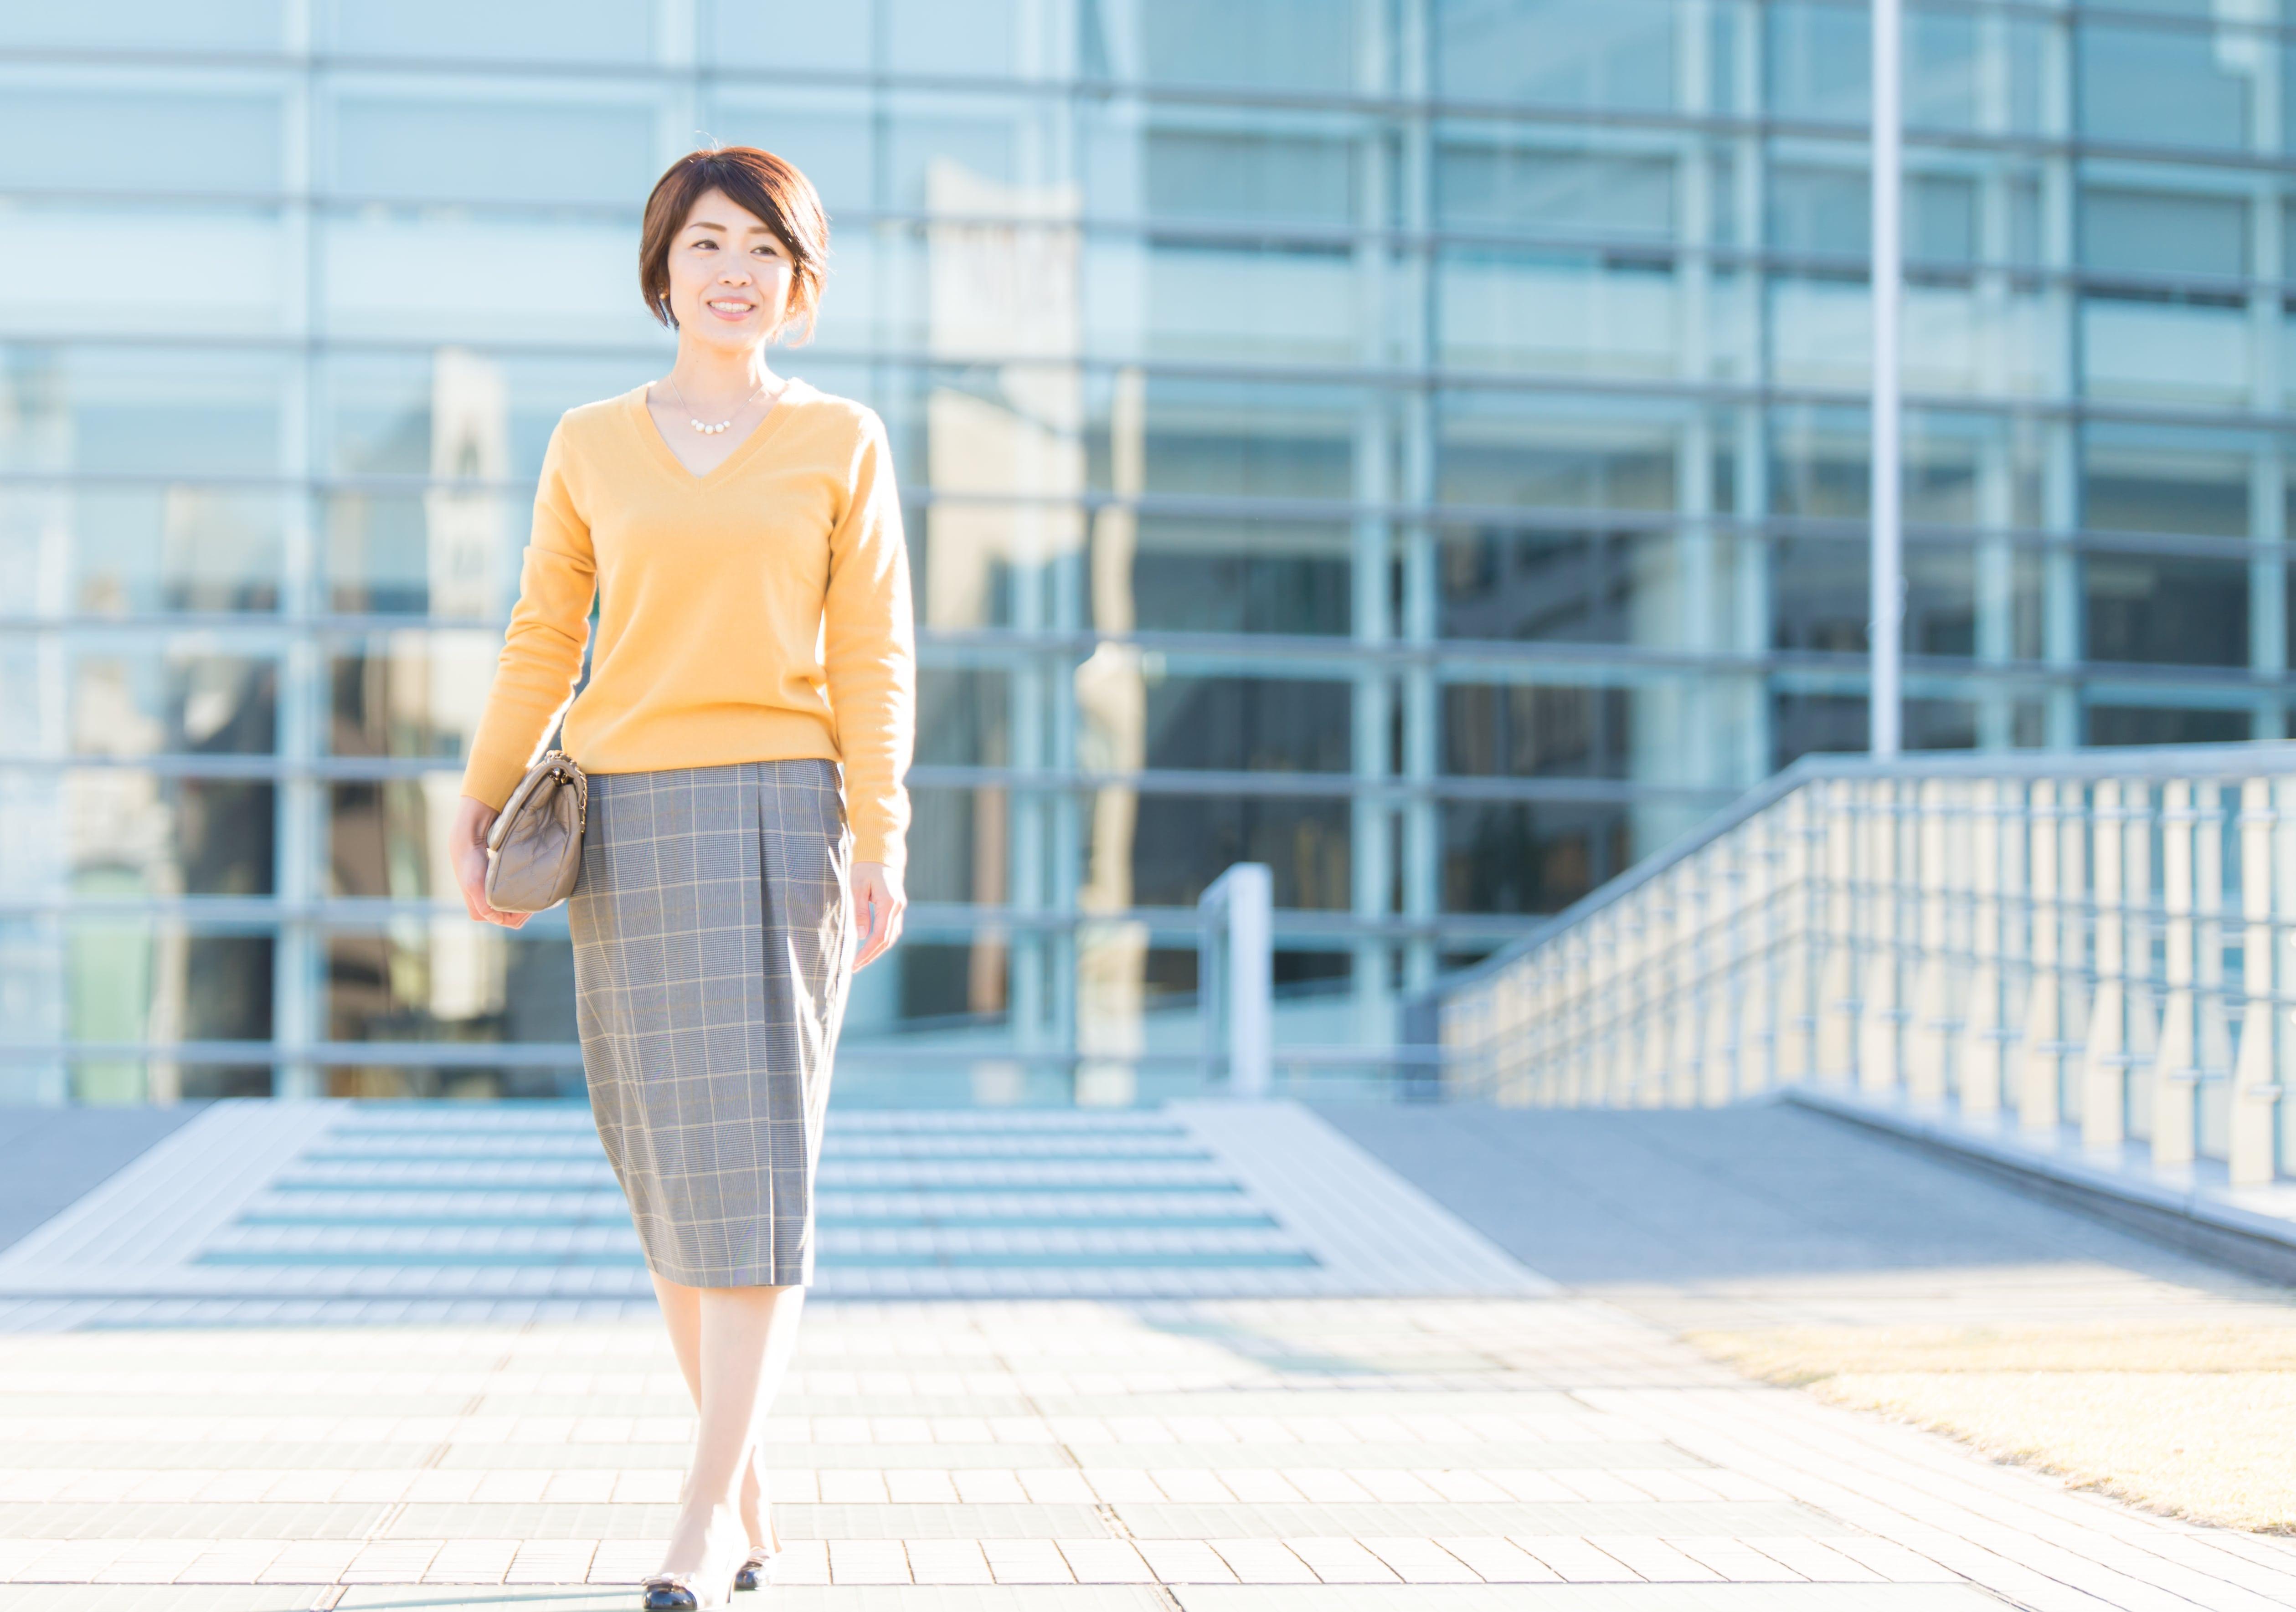 山下 恵子のイメージ写真